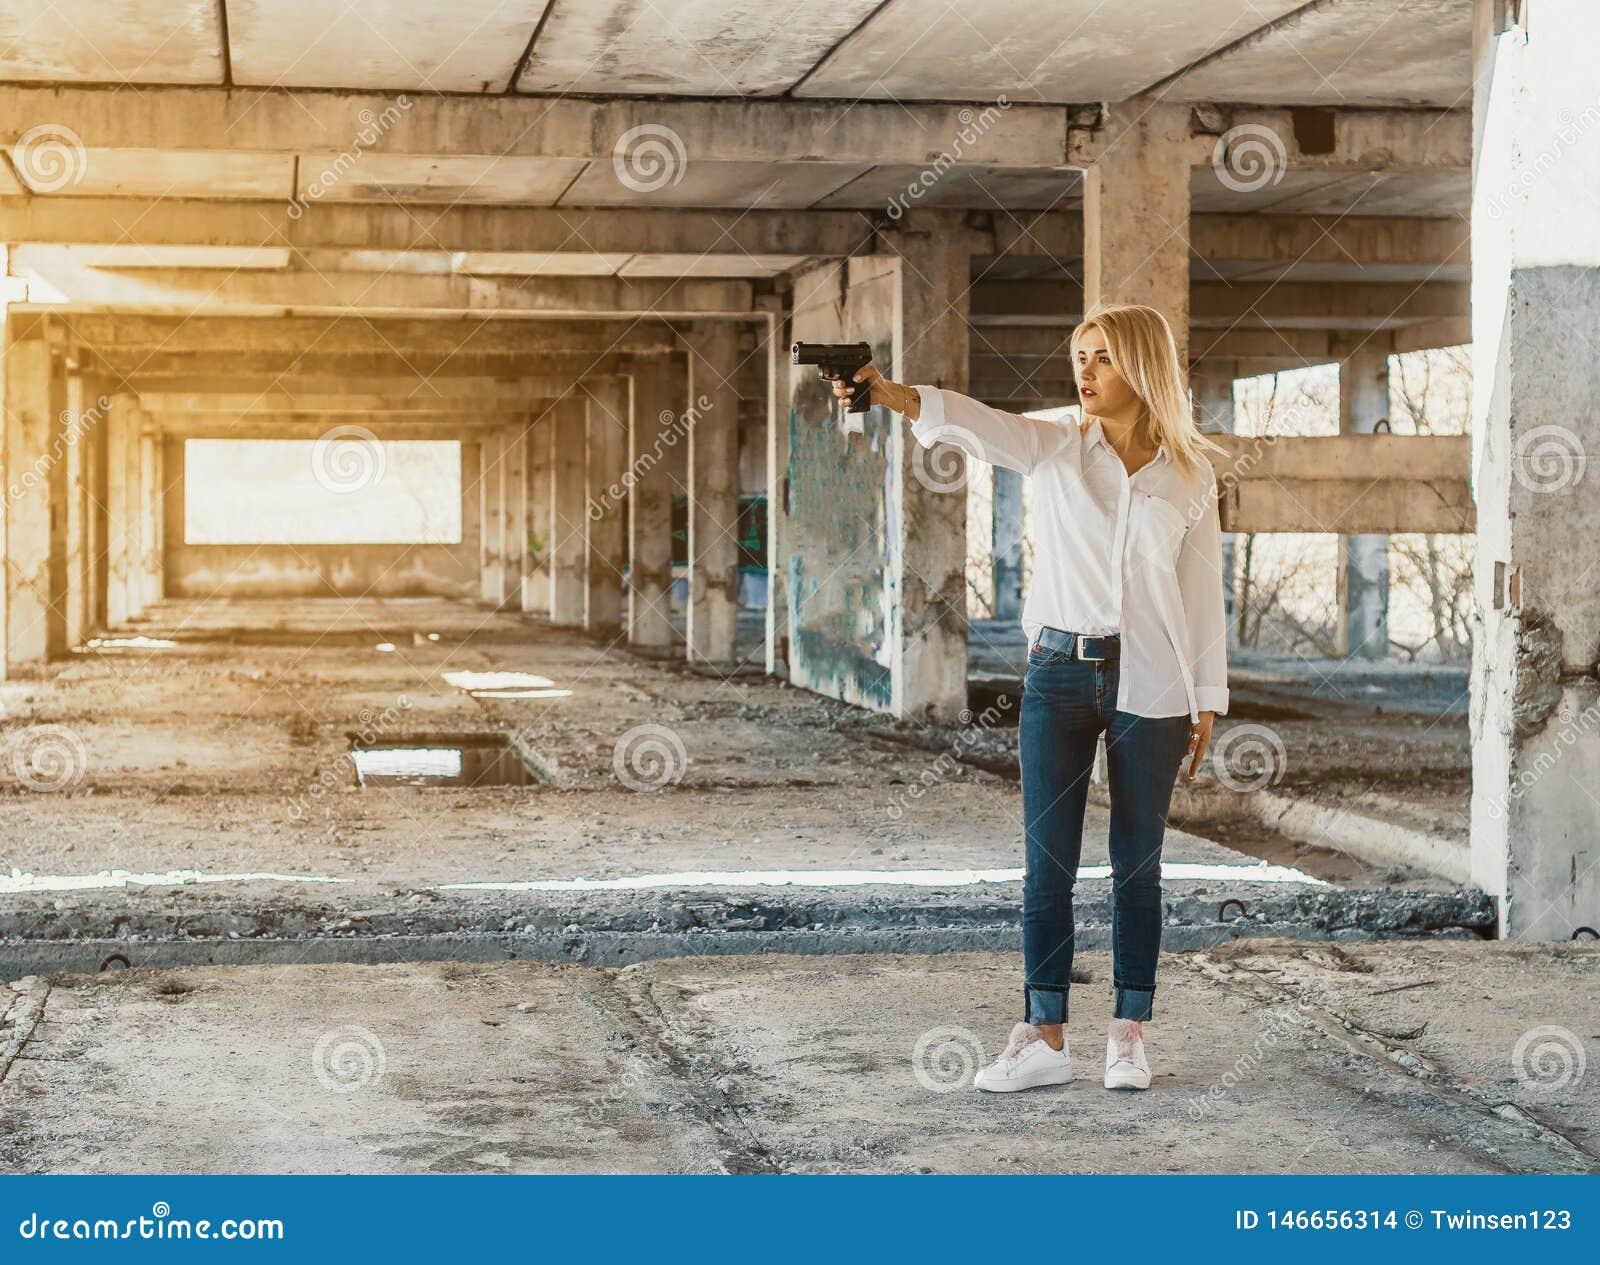 La mujer en los soportes blancos de la camisa en un edificio abandonado, tira un arma